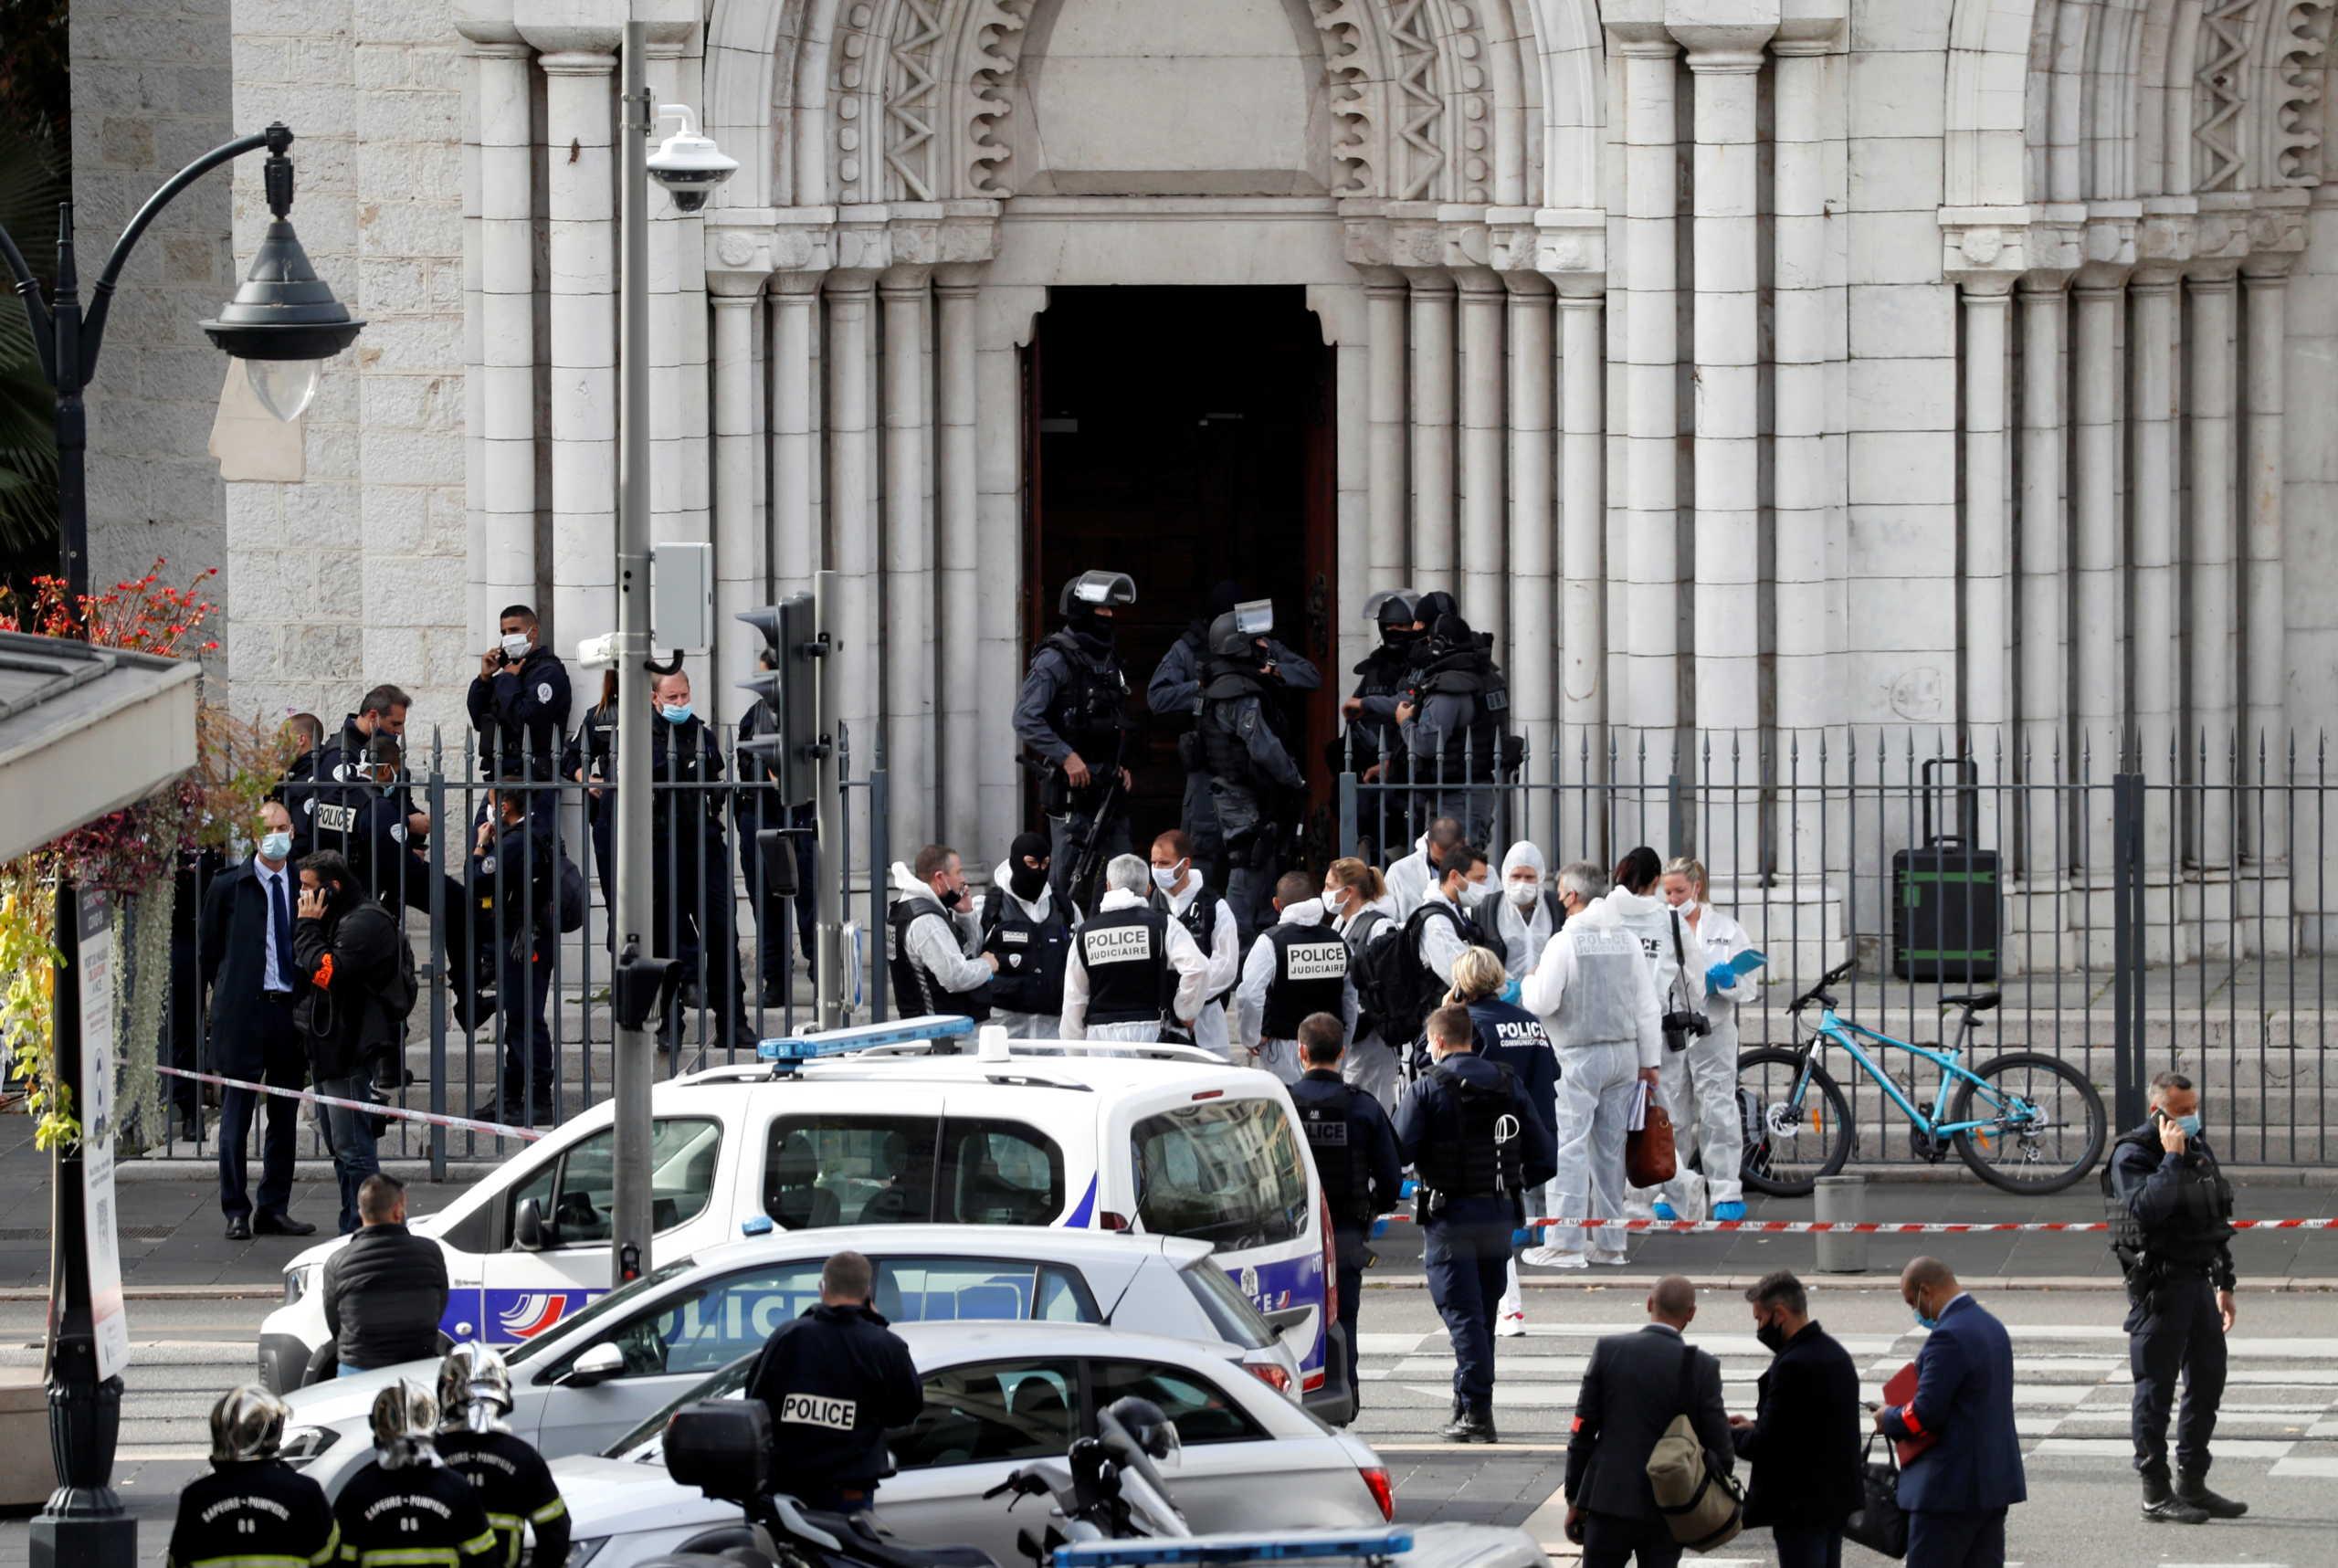 Γαλλία: Οι φανατικοί «άκουσαν» τον Ερντογάν και σπέρνουν τον τρόμο! Δυο αιματηρές επιθέσεις σε Νίκαια και Αβινιόν!